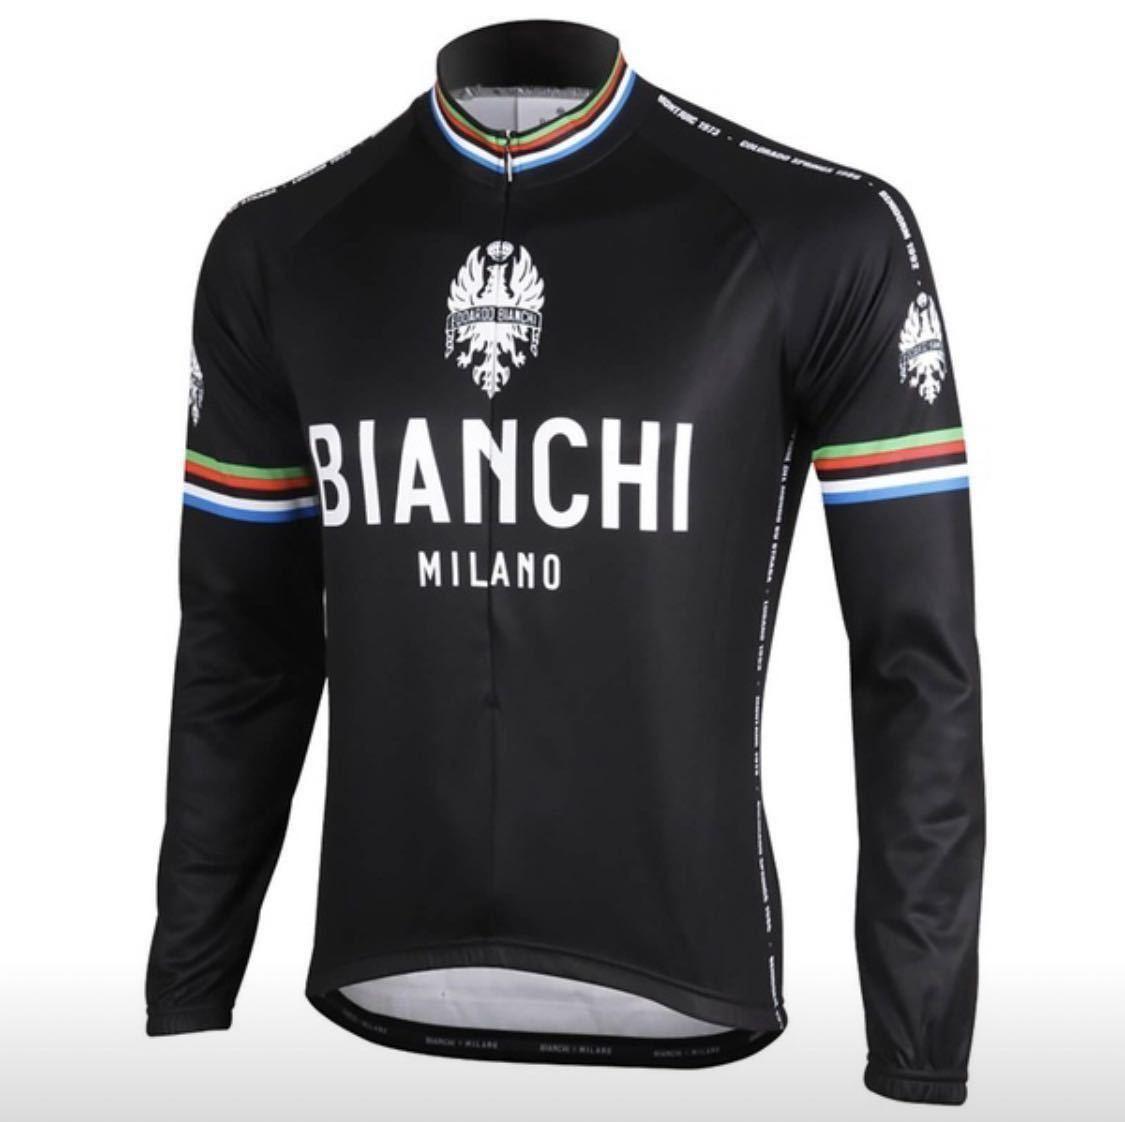 【送料無料】 サイクルジャージ 長袖 BIANCHI 黒 メンズL チェレステ イタリア トリコローレ ロードバイク ビアンキ giant felt trek